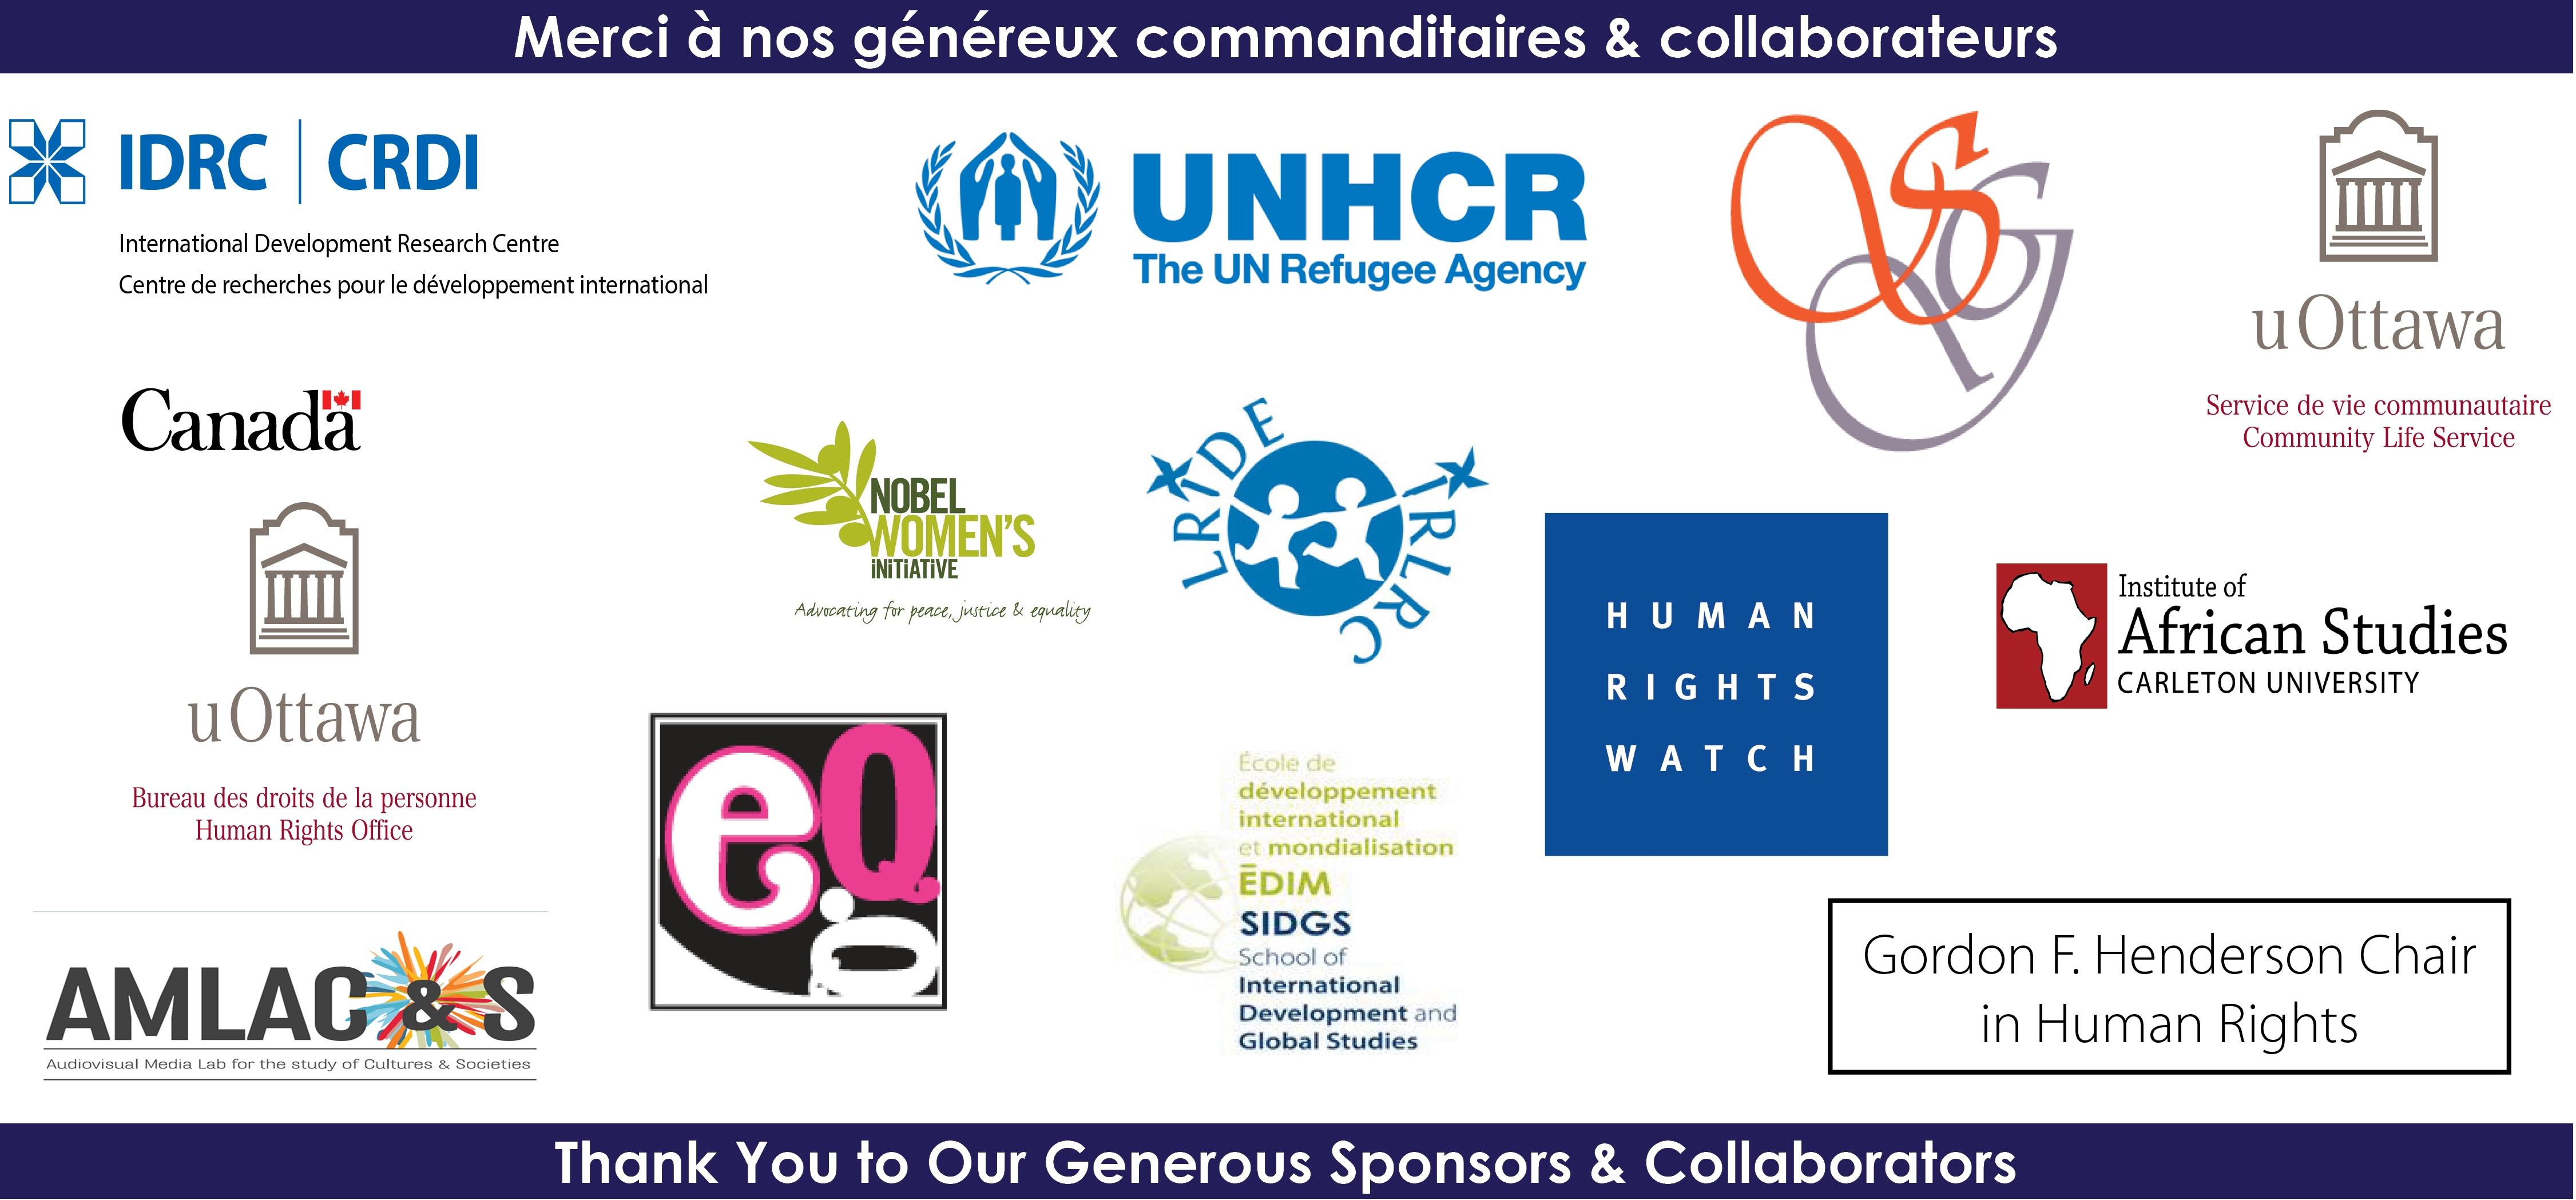 Sponsors - 4th uOttawa Human Rights Film Festival 2016 | Commanditaires - 4e Festival de film des droits de la personne de uOttawa